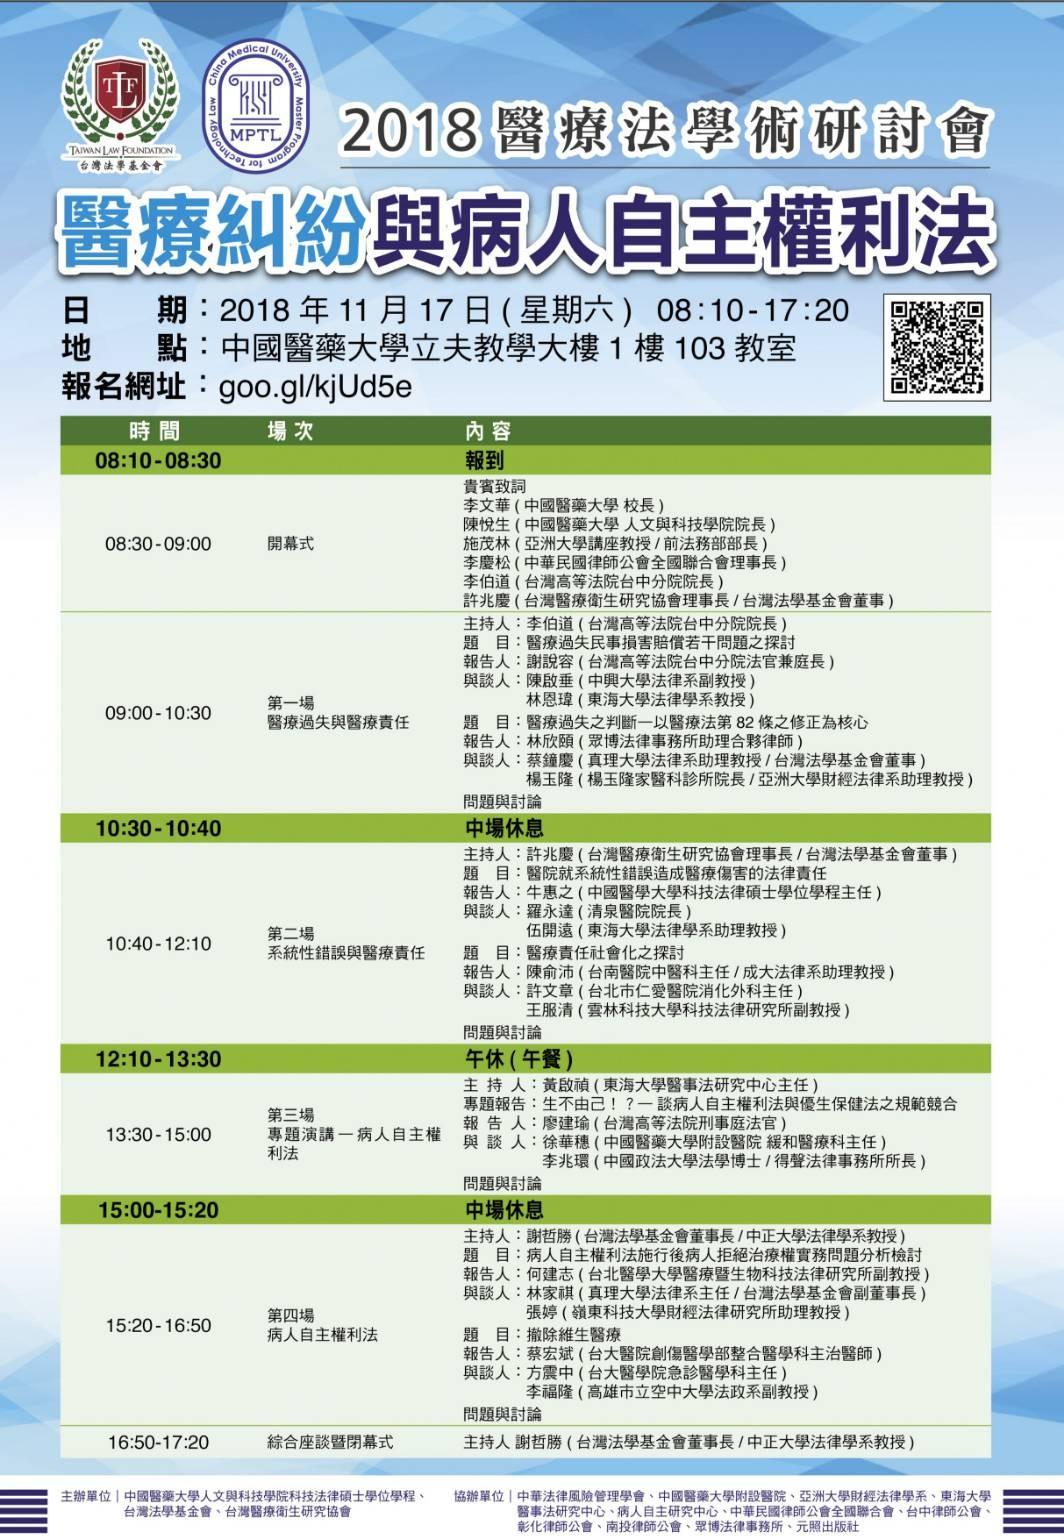 2018醫療法學術研討會